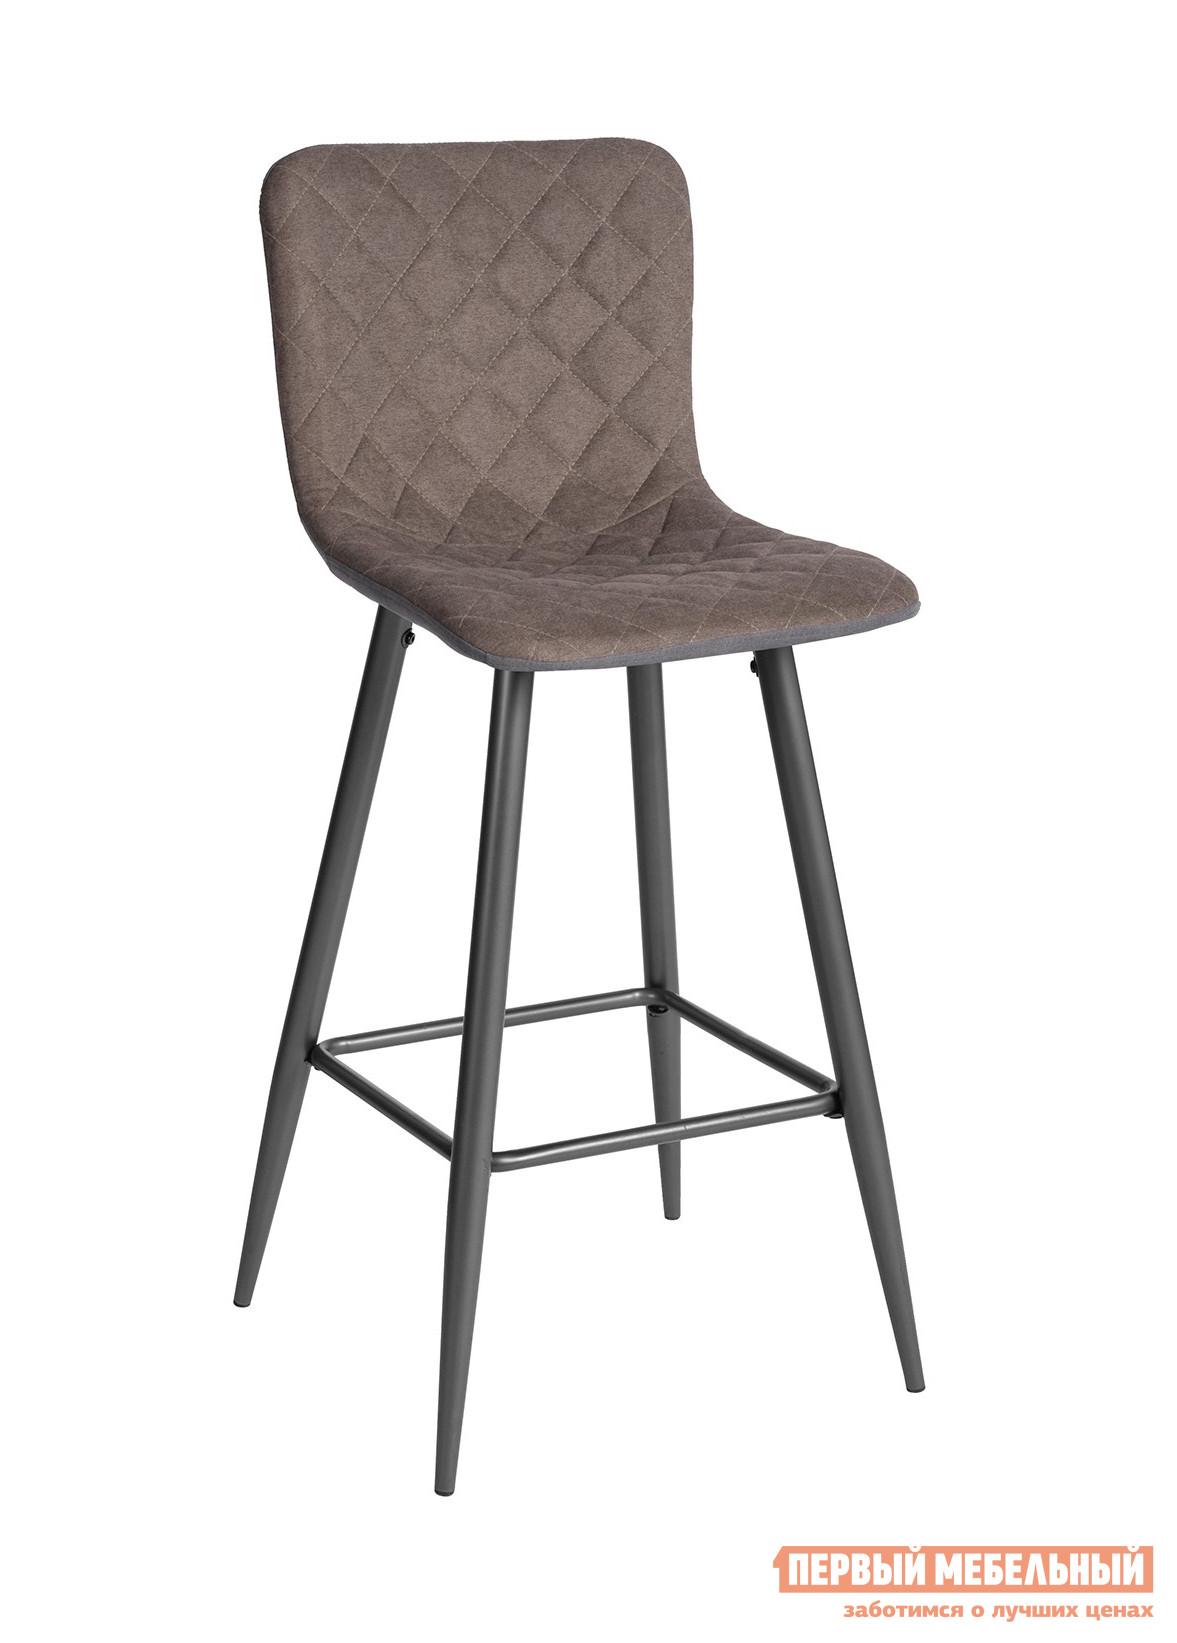 Барный стул STOOL GROUP Морган Коричневый от Купистол